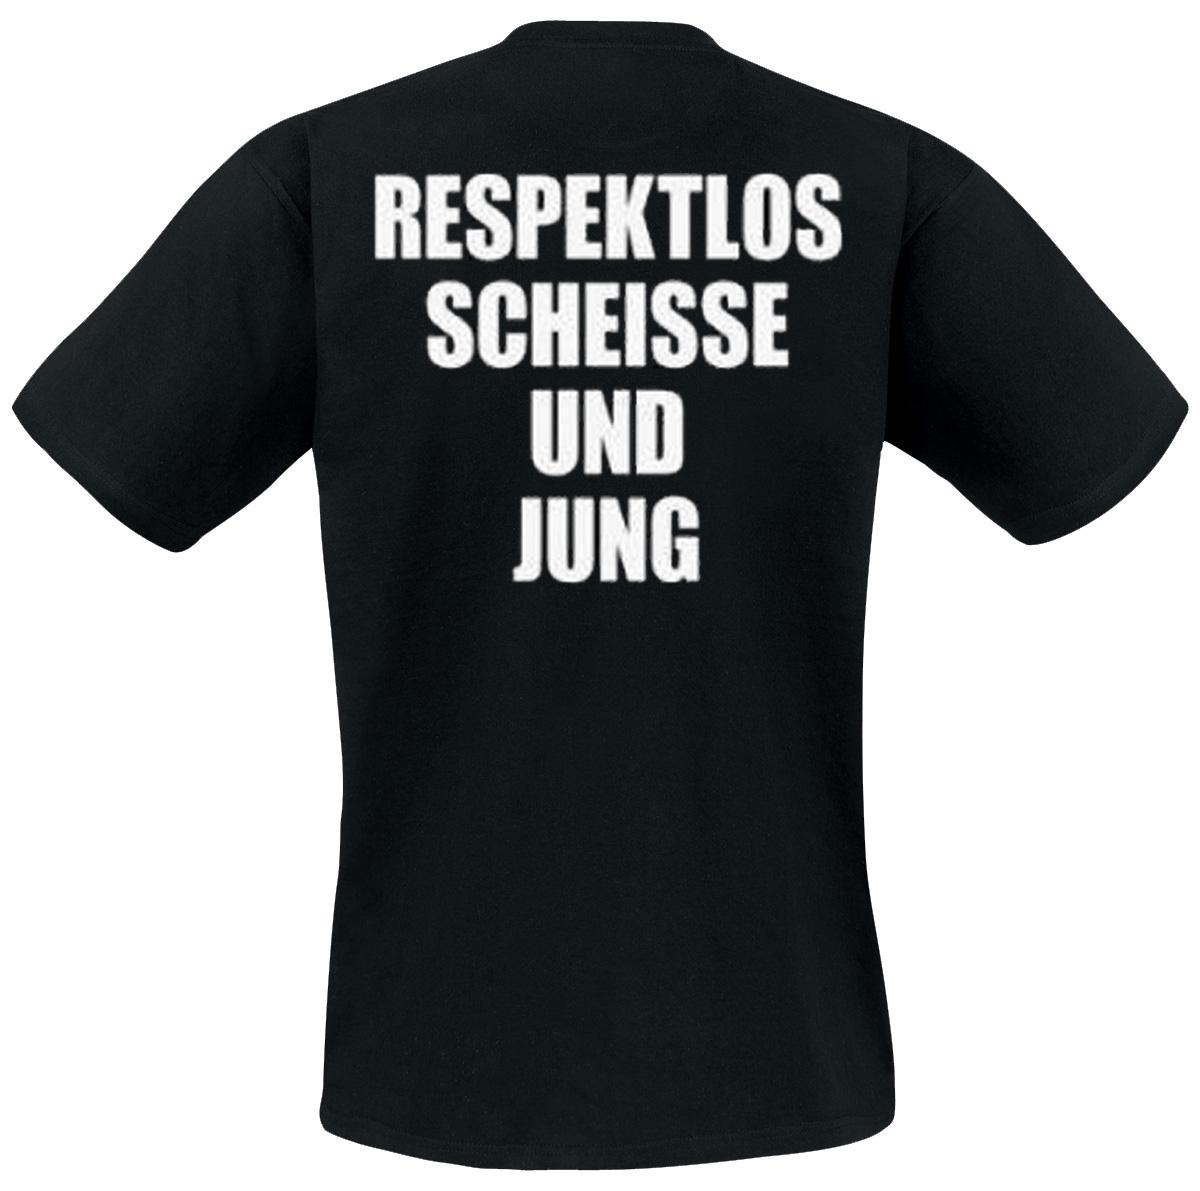 Respektlos